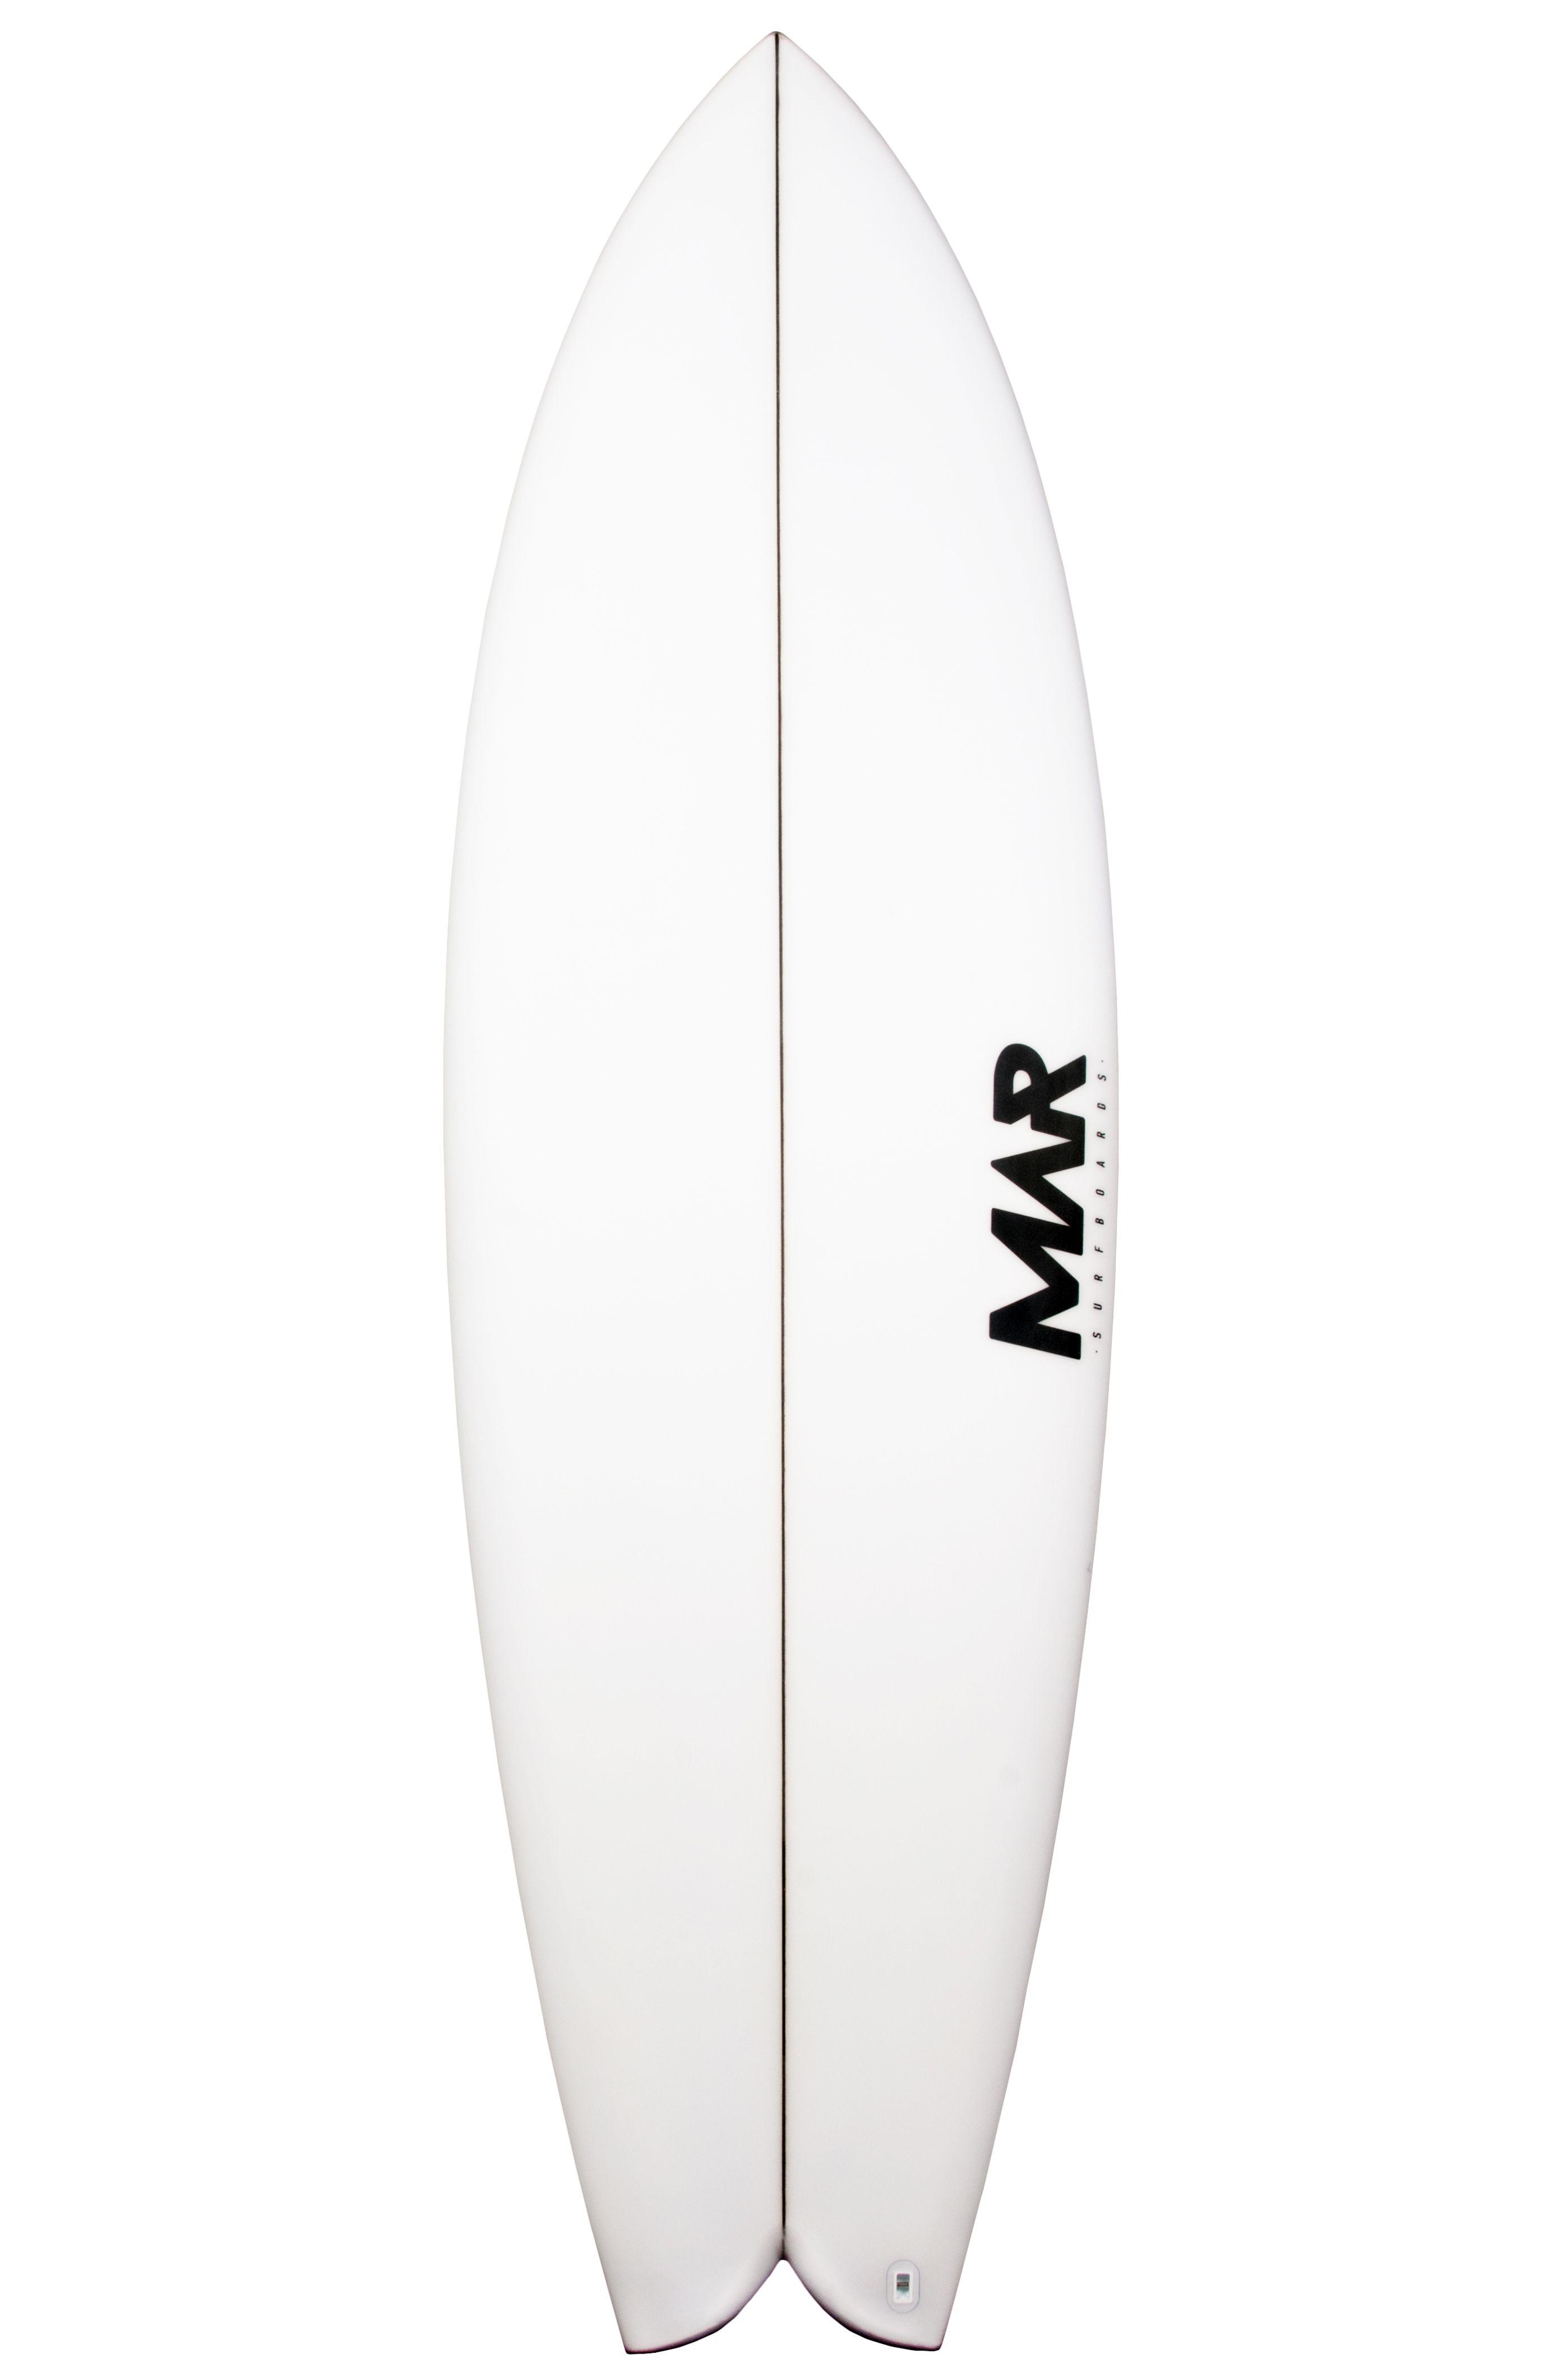 Mar Surf Board 6'0 MAR P2 PU Fish Tail - White FCS II Twin Tab 6ft0